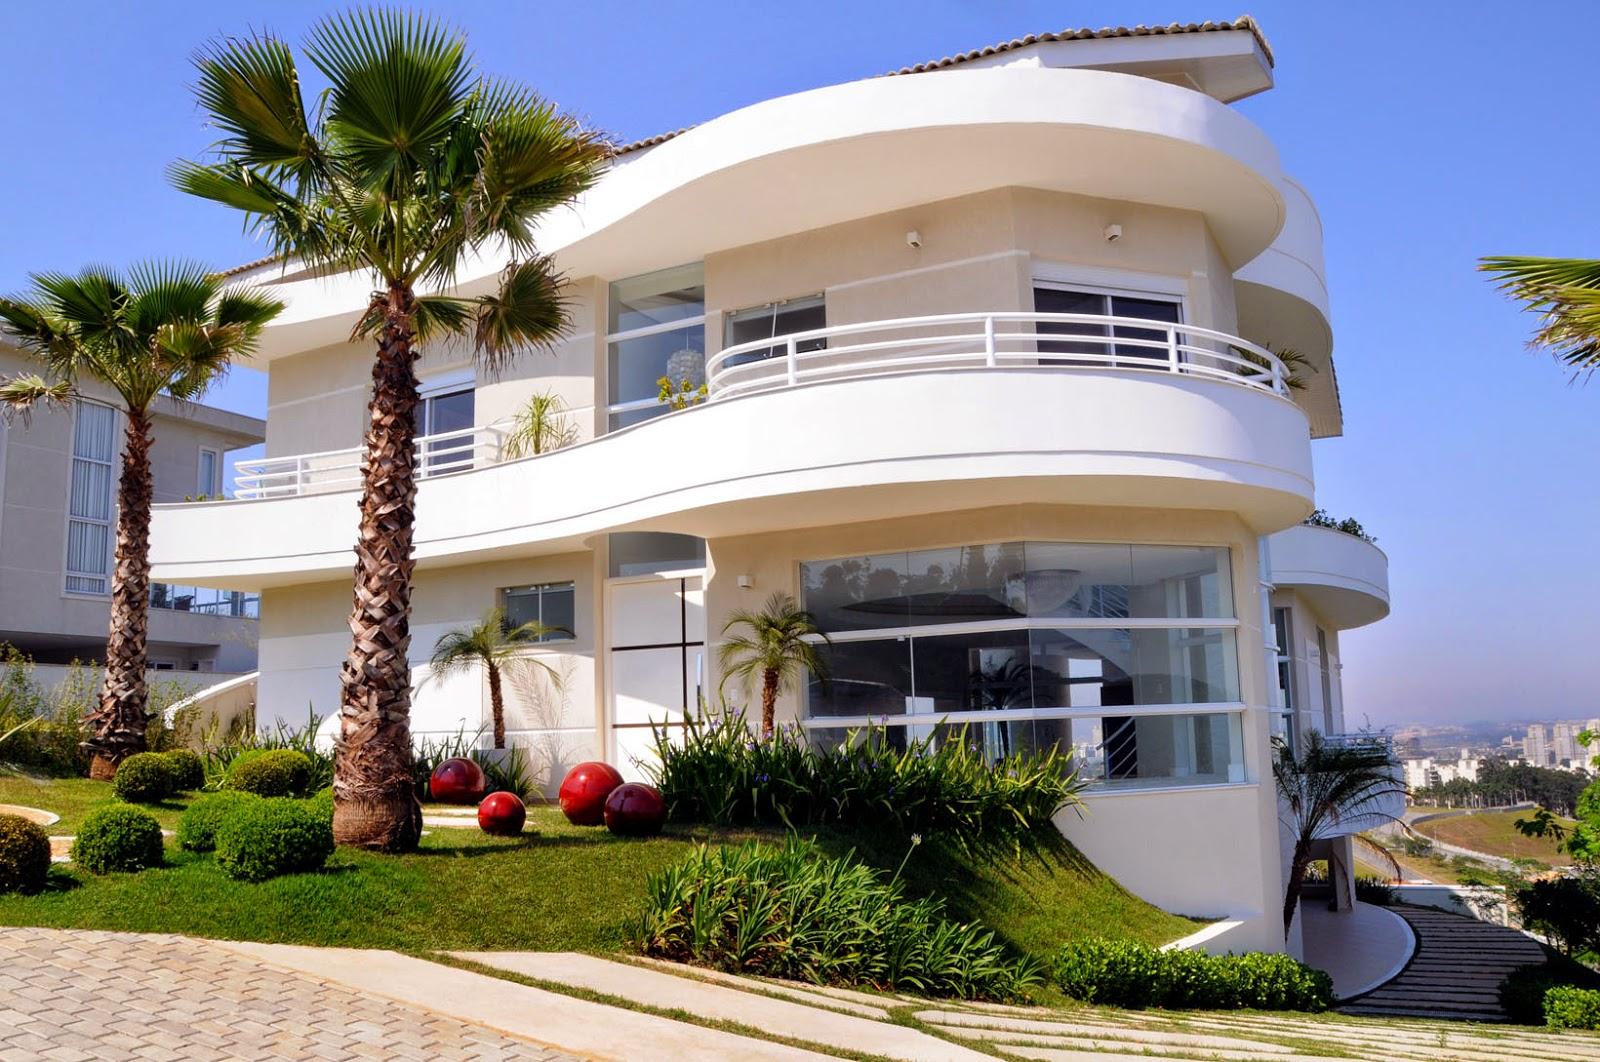 20 fachadas de casas com linhas curvas tend ncia na for Casas modernas redondas